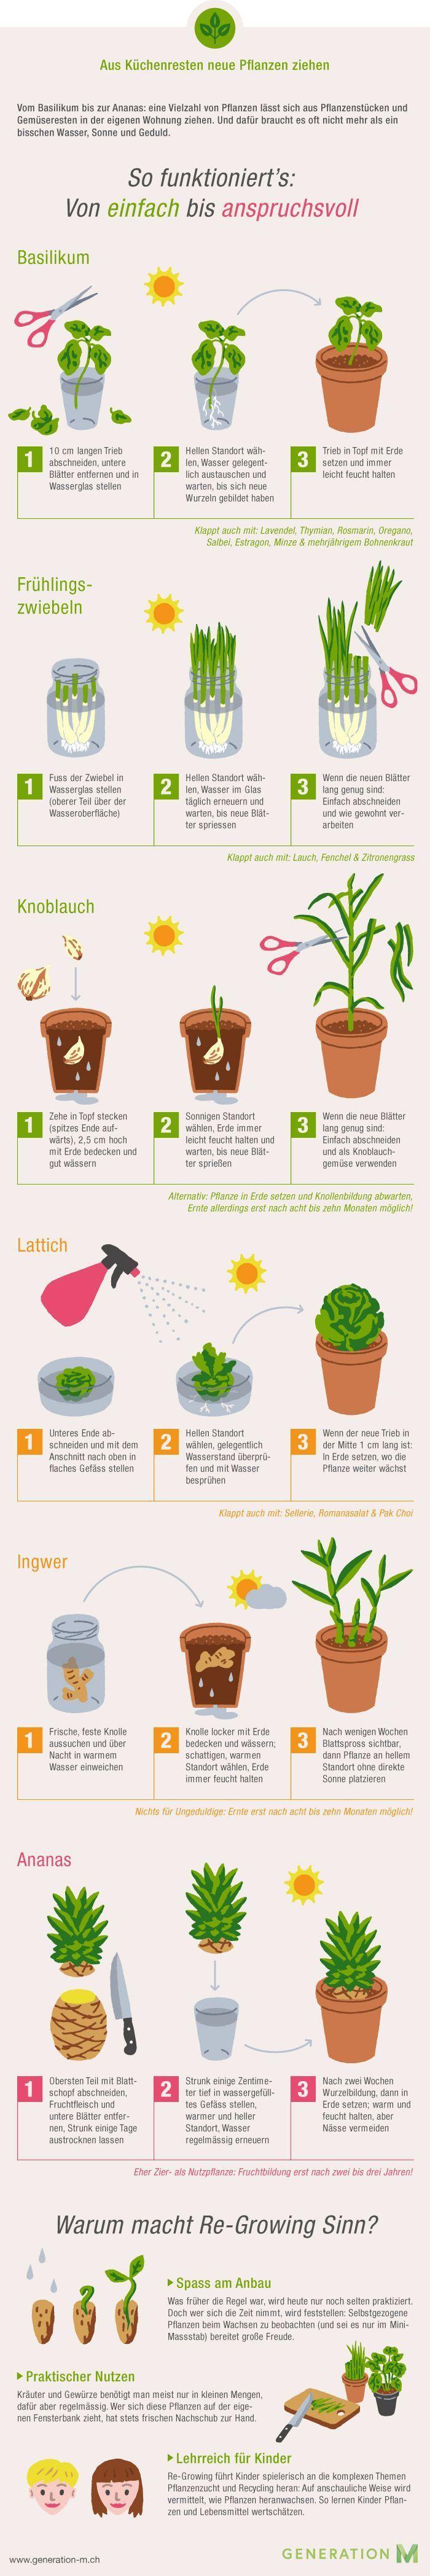 Die Infografik zeigt Ihnen wie Sie aus Küchenresten neues Gemüse ziehen. Druck – blackbaby